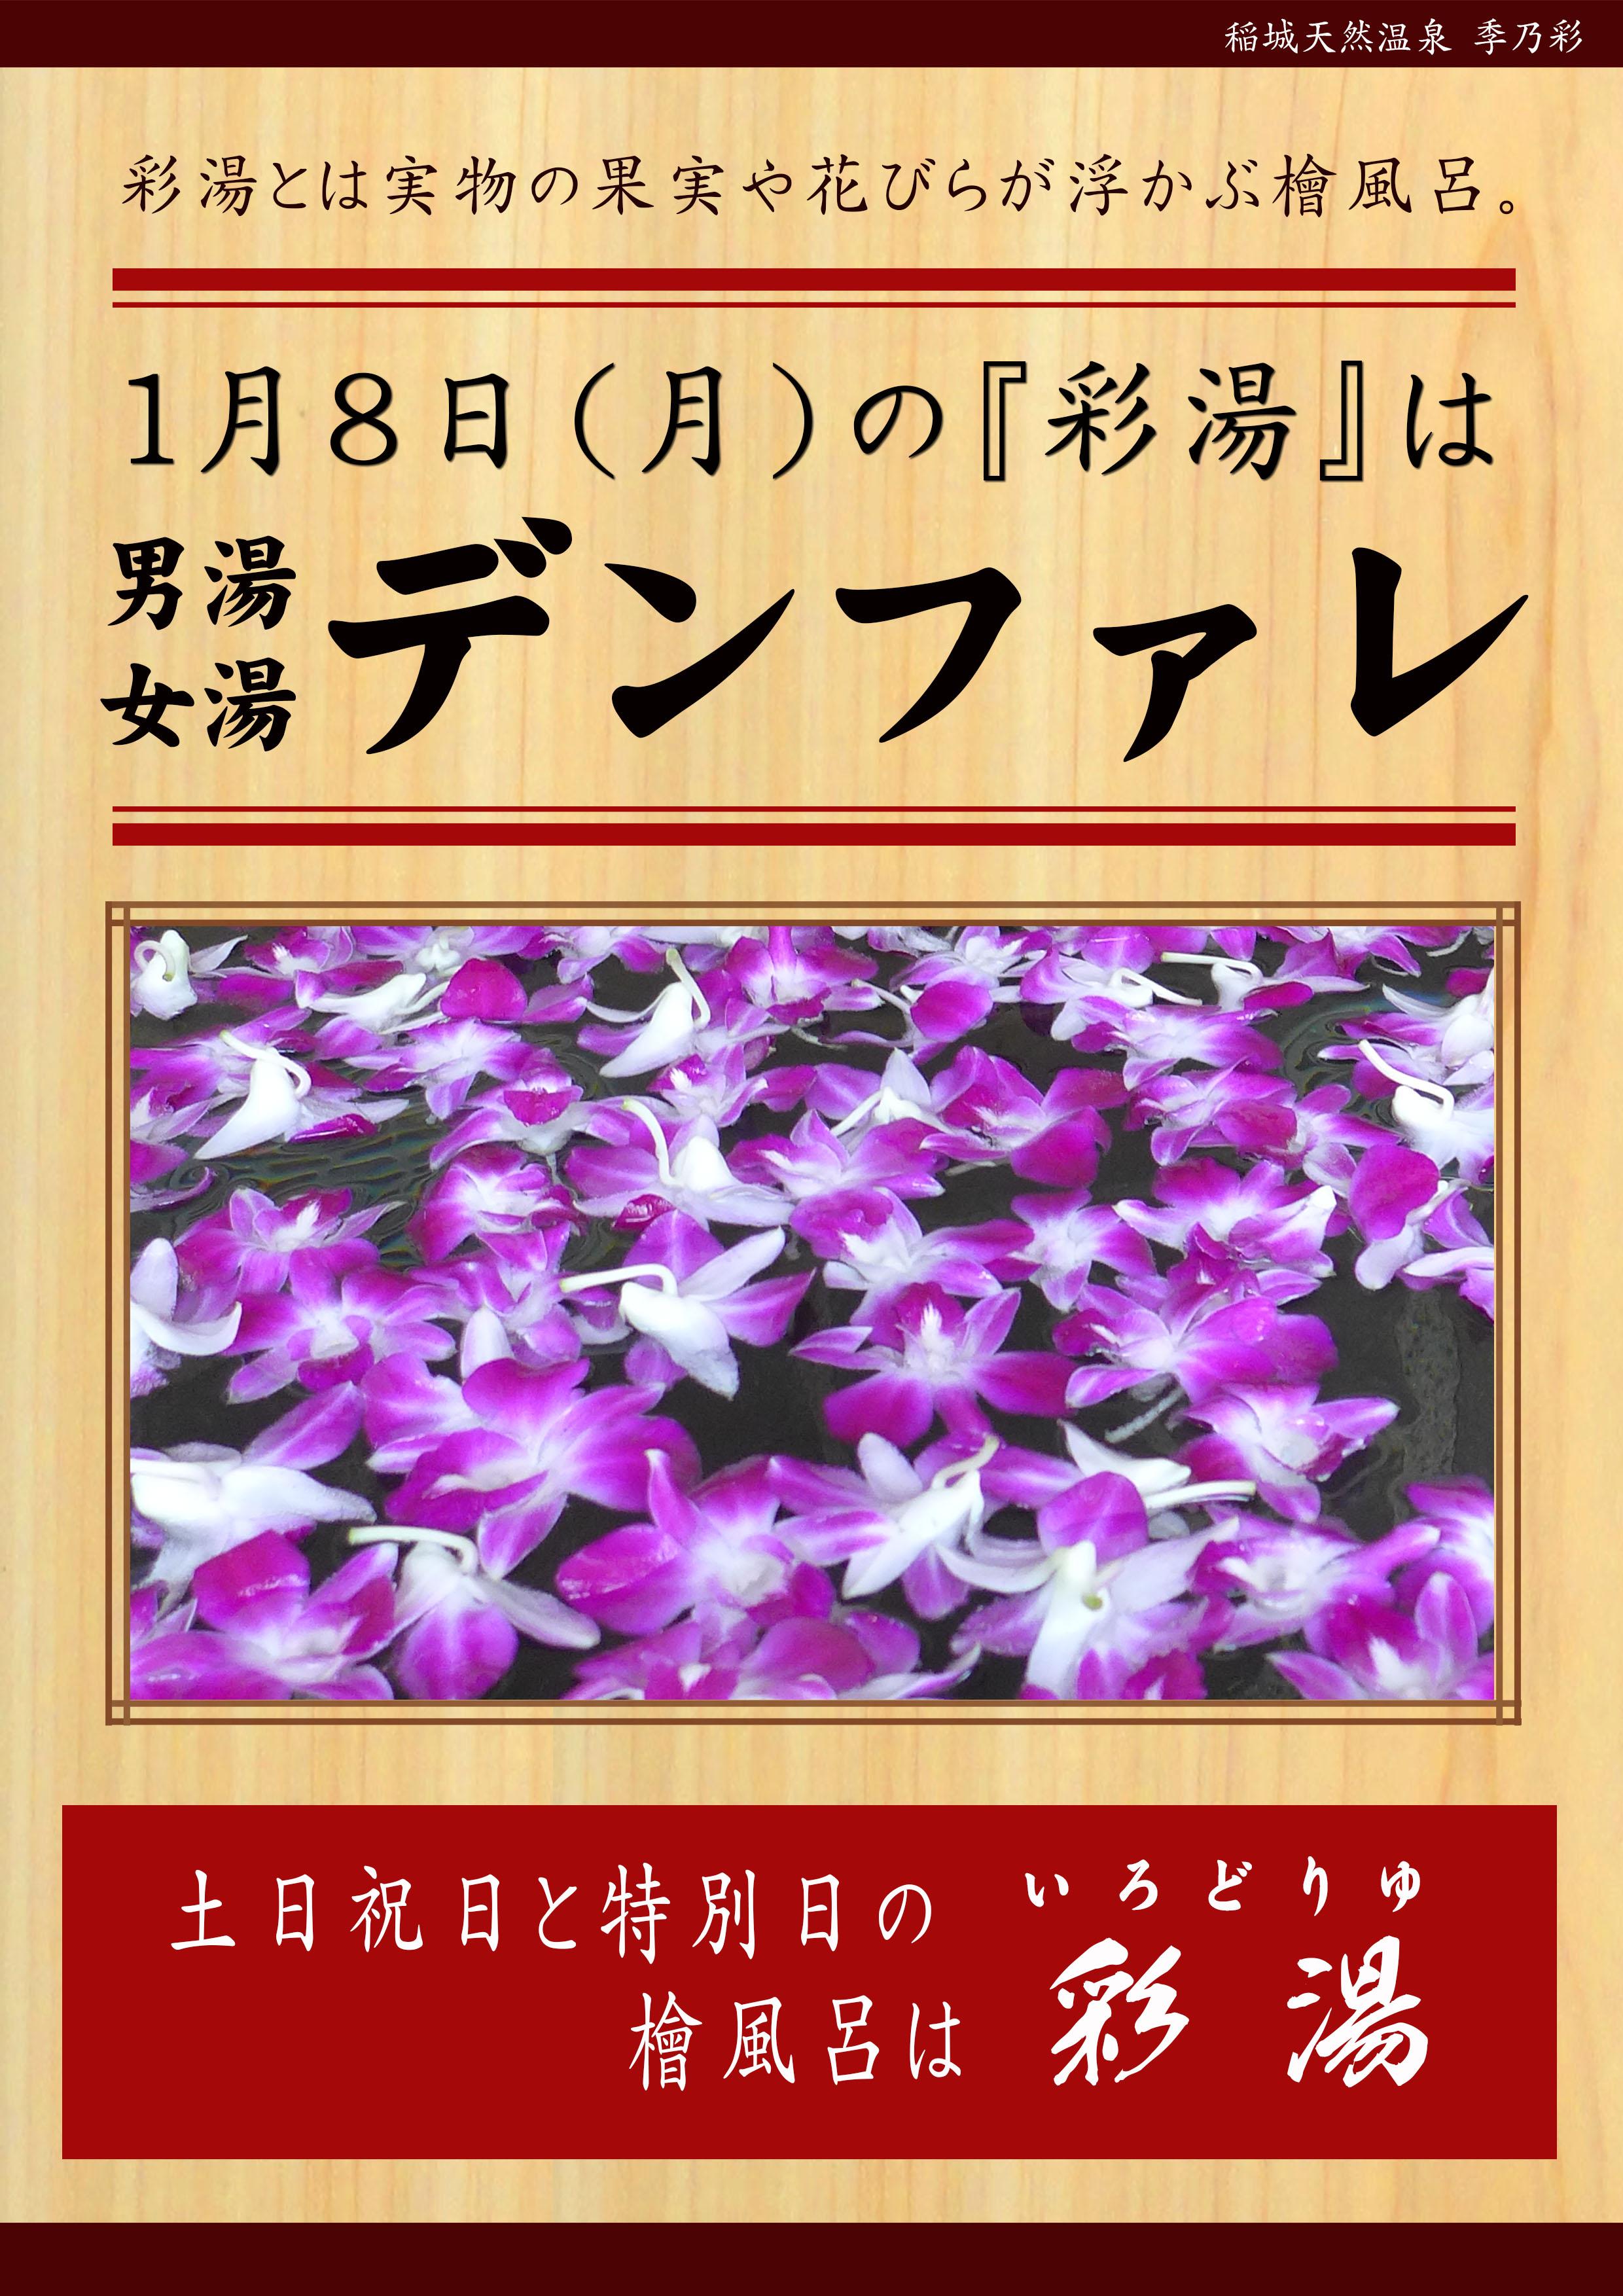 20180108POP イベント 彩湯 デンファレ